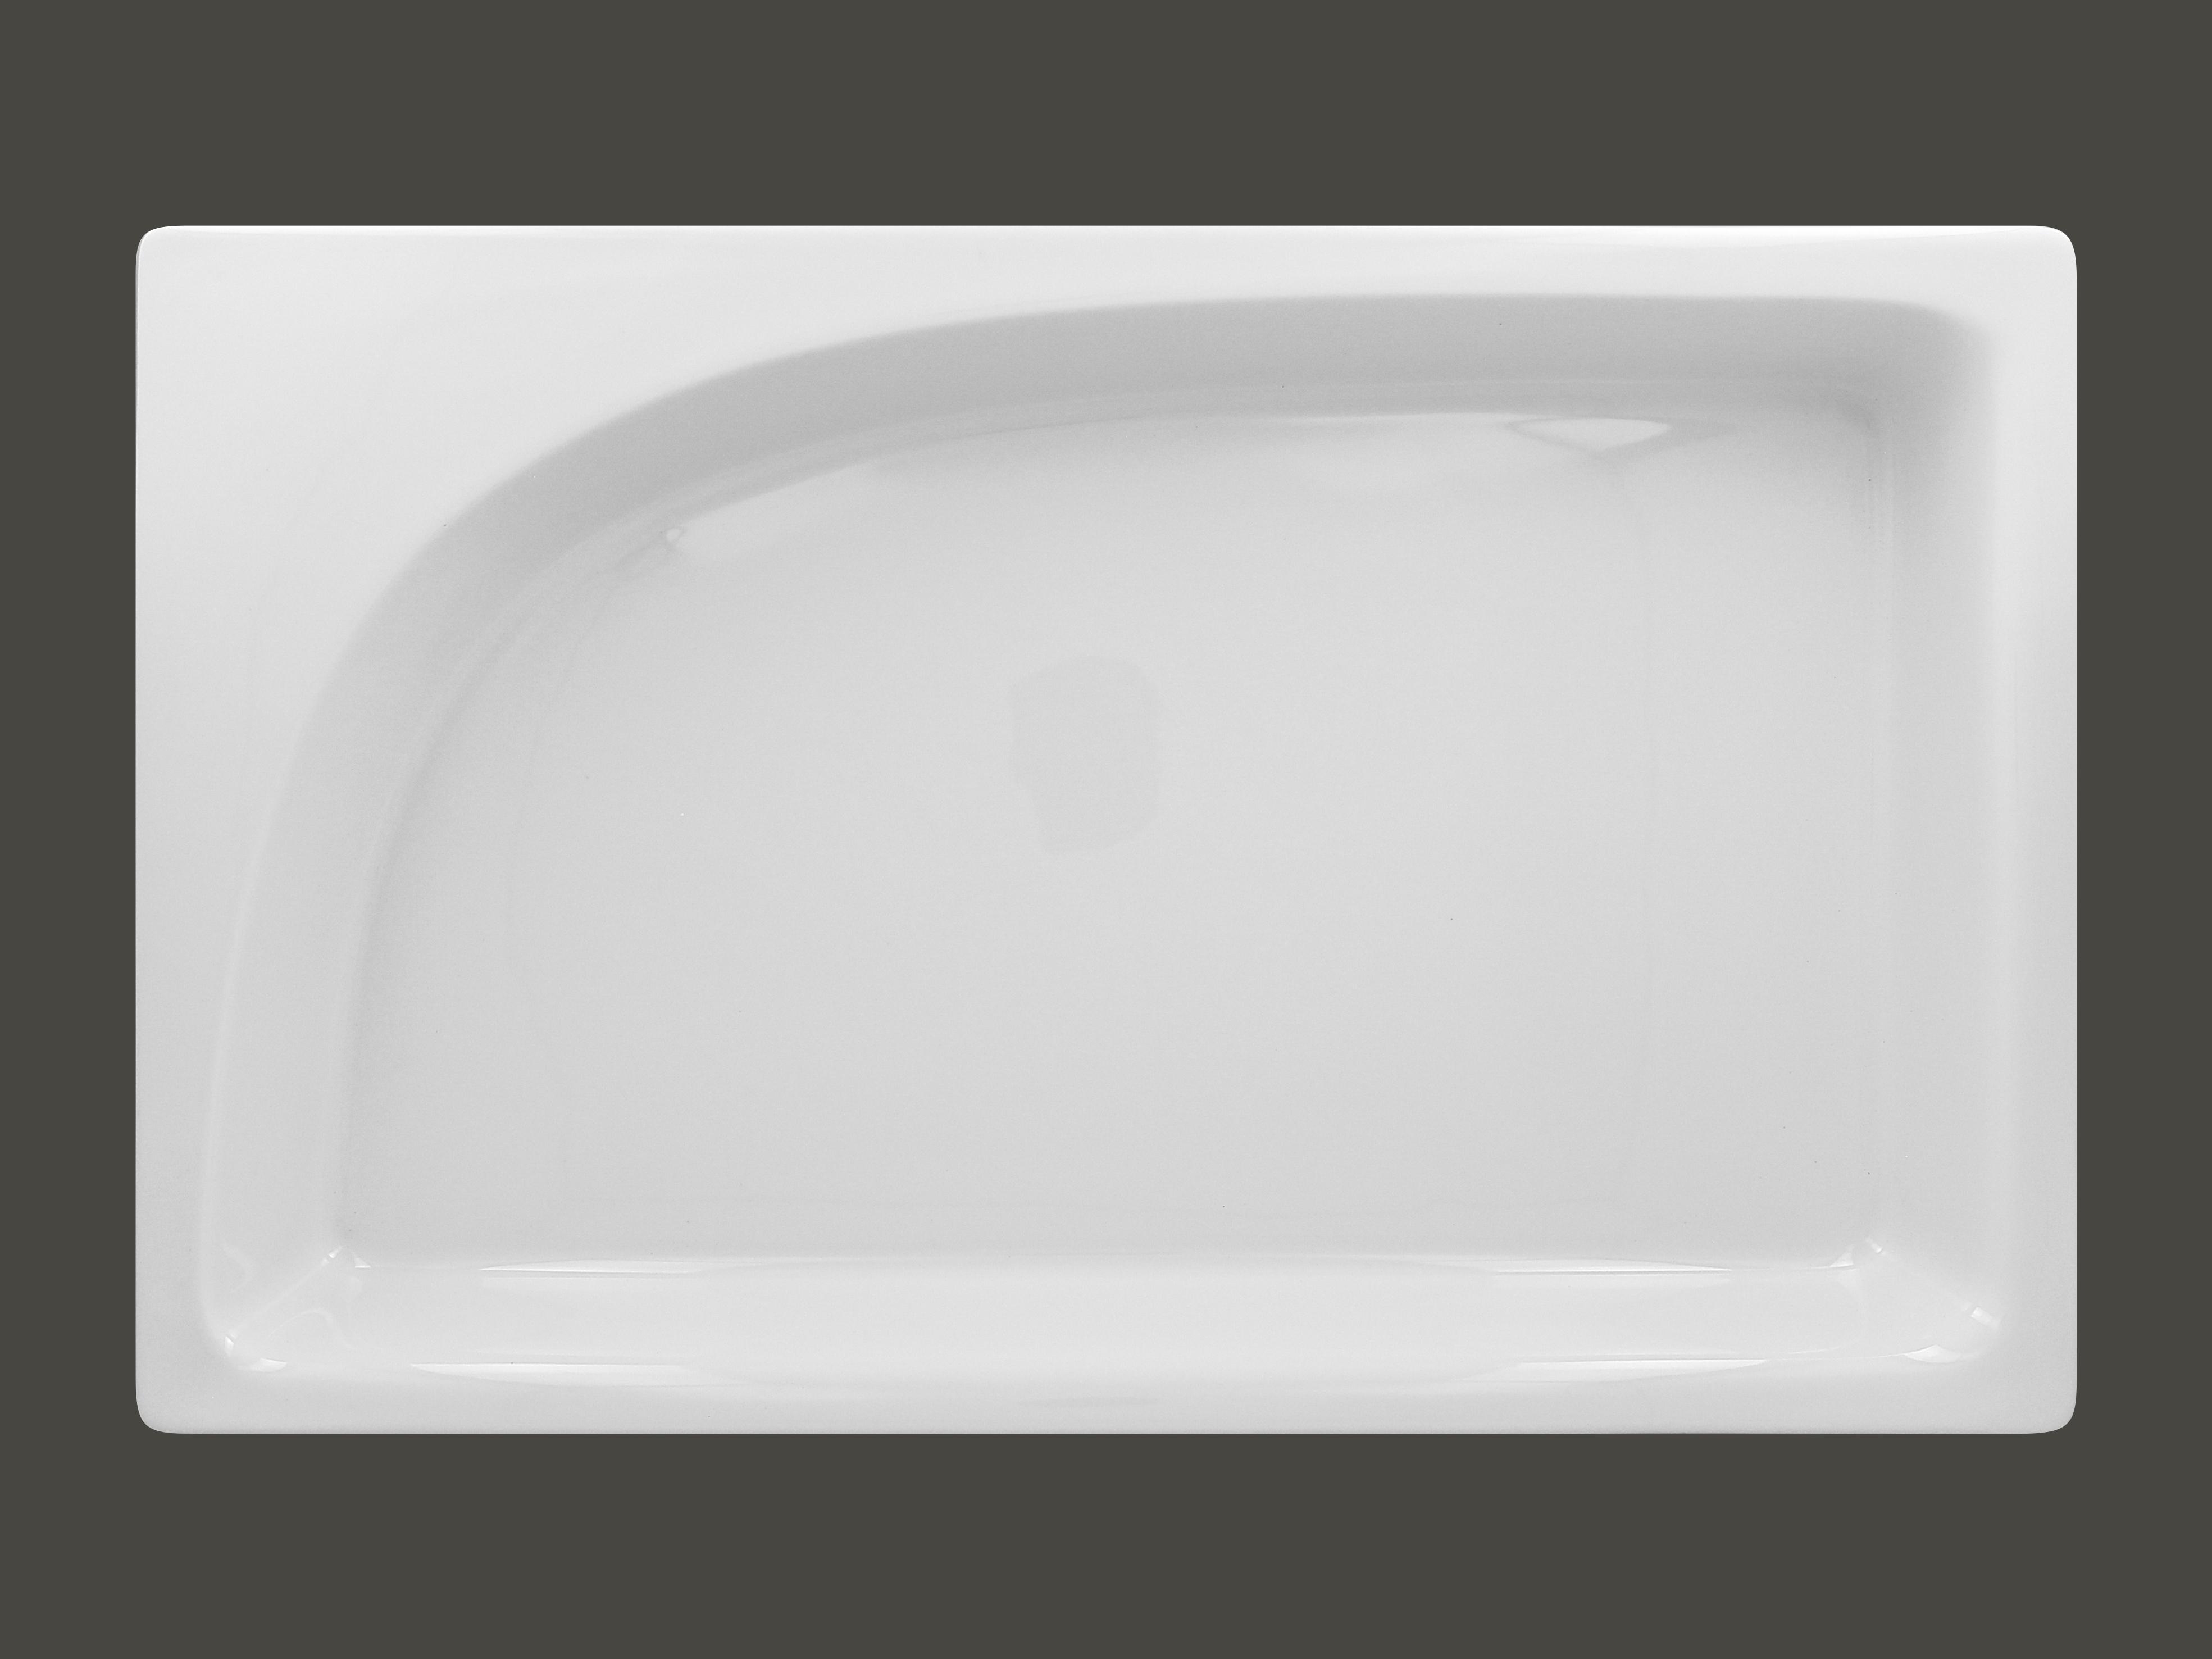 Gastro nádoba porcelánová Zamma Gn 1/1